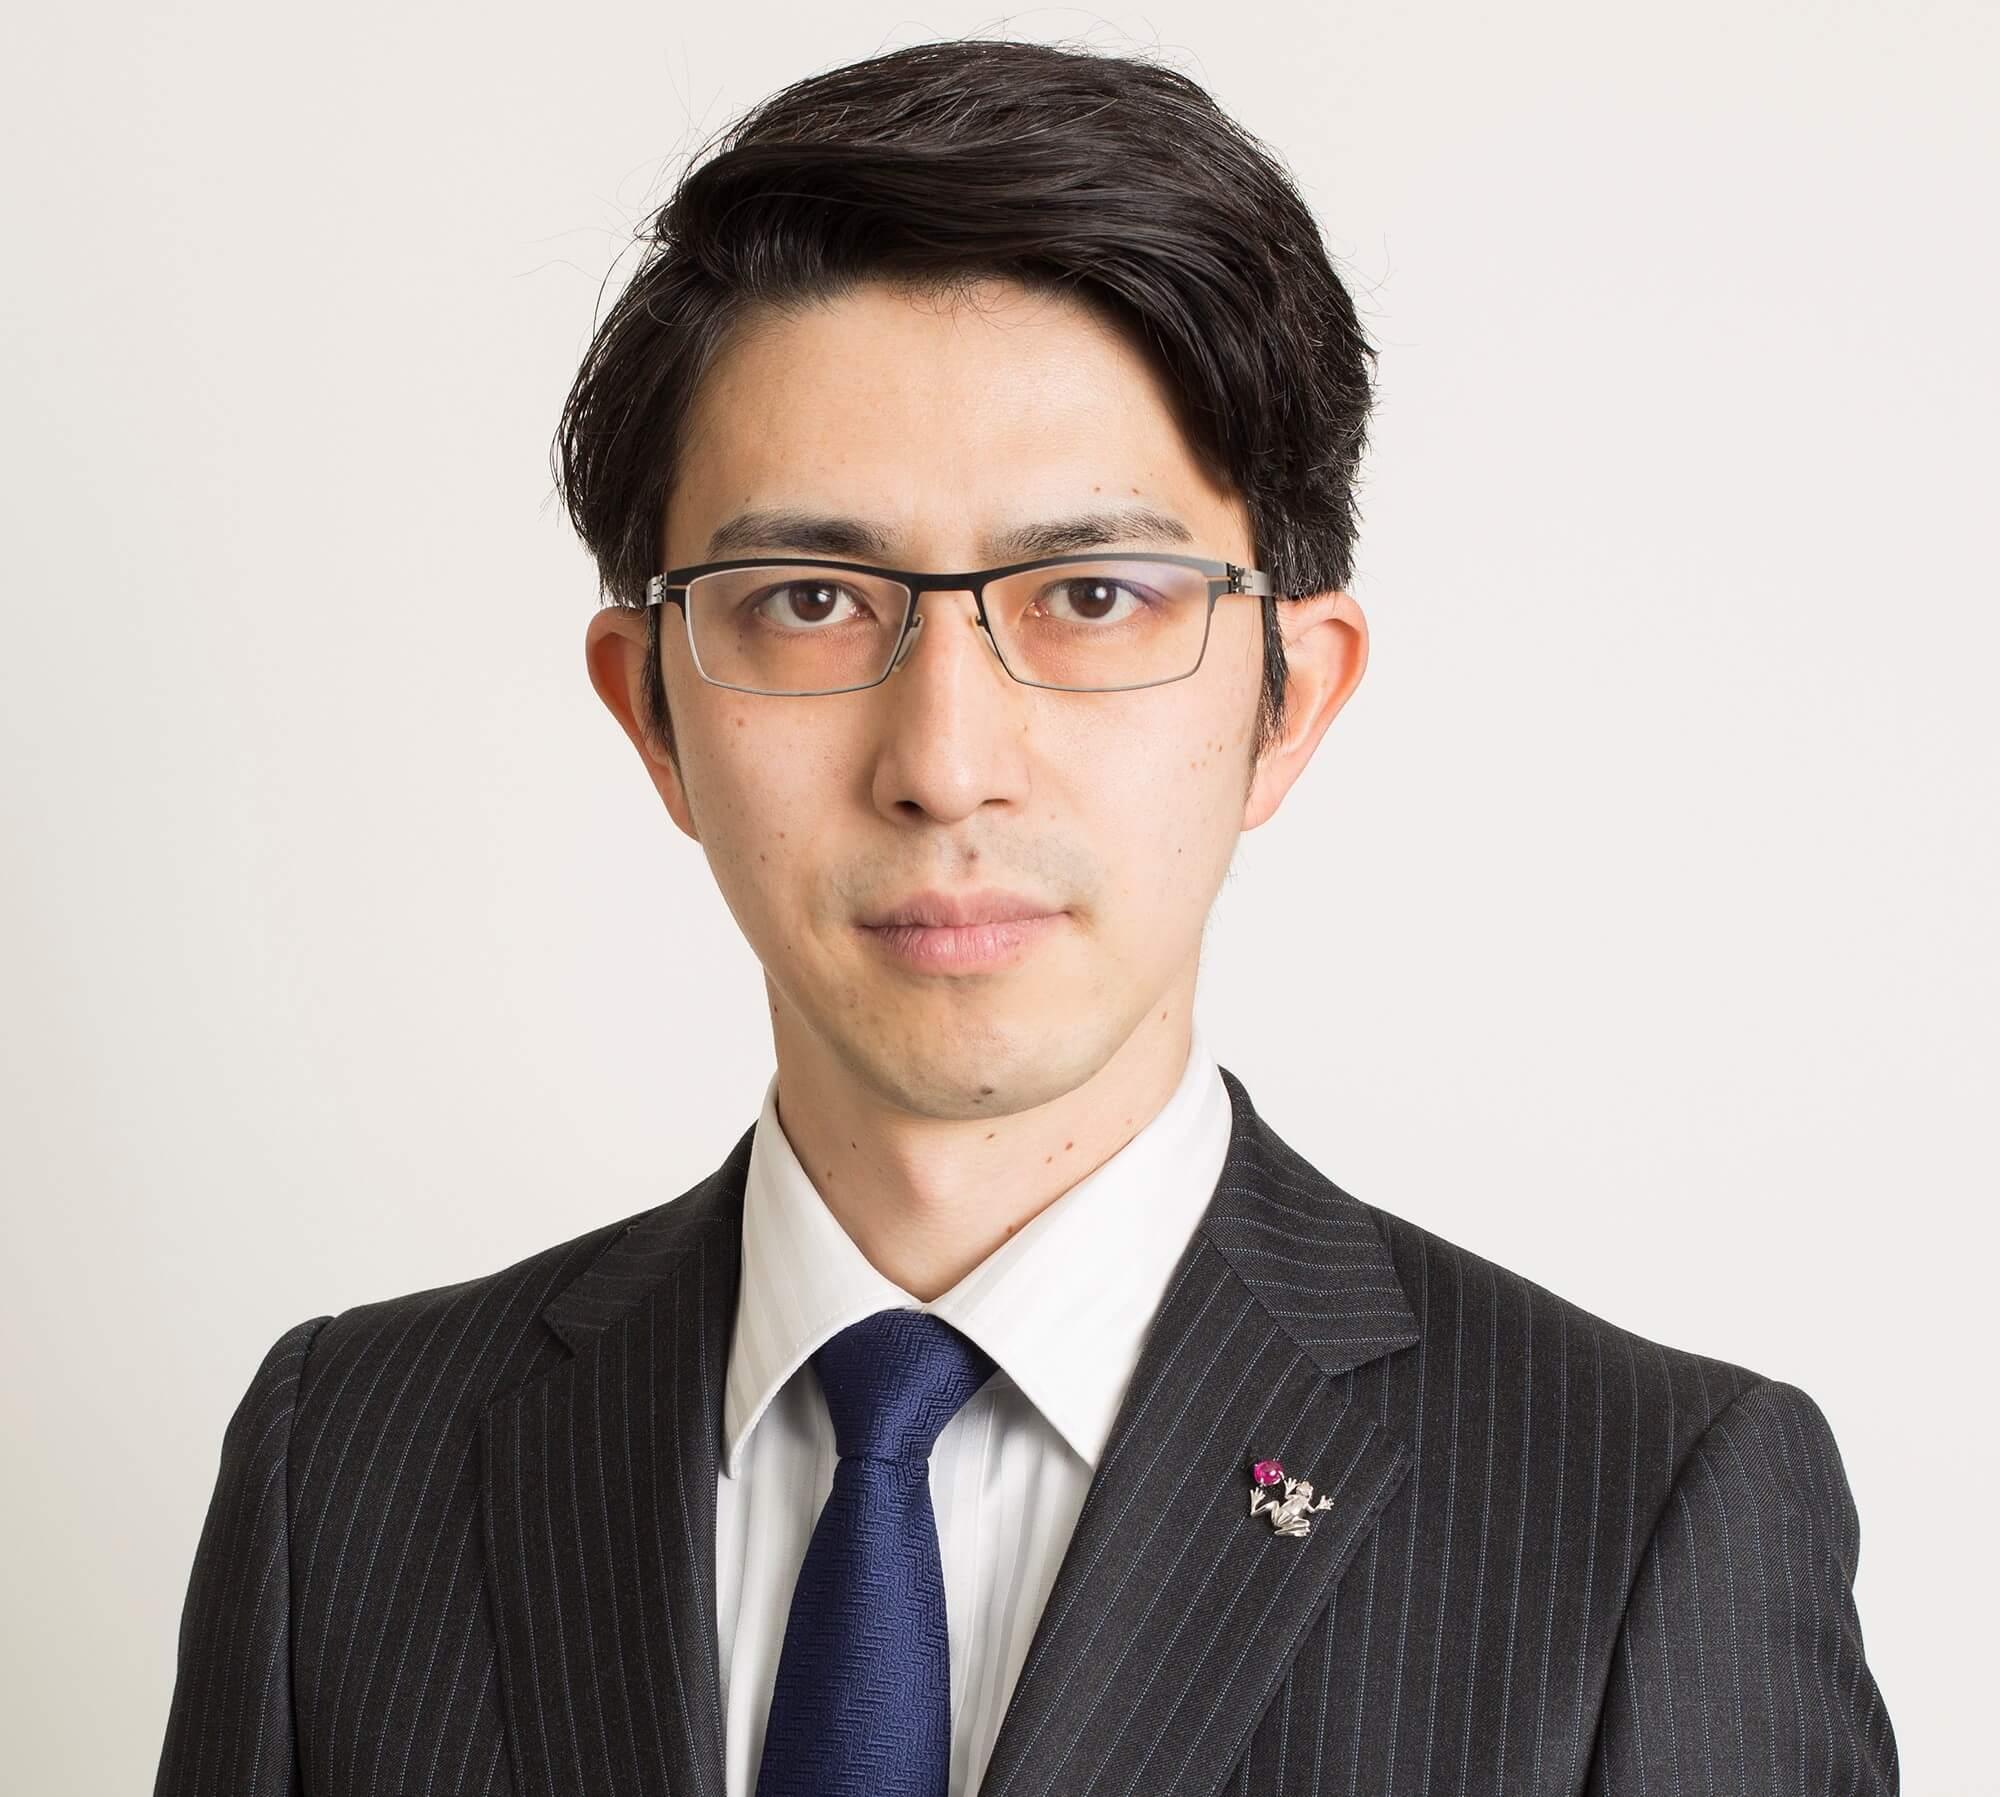 講師:木村草太(きむらそうた)氏 ©岩沢蘭